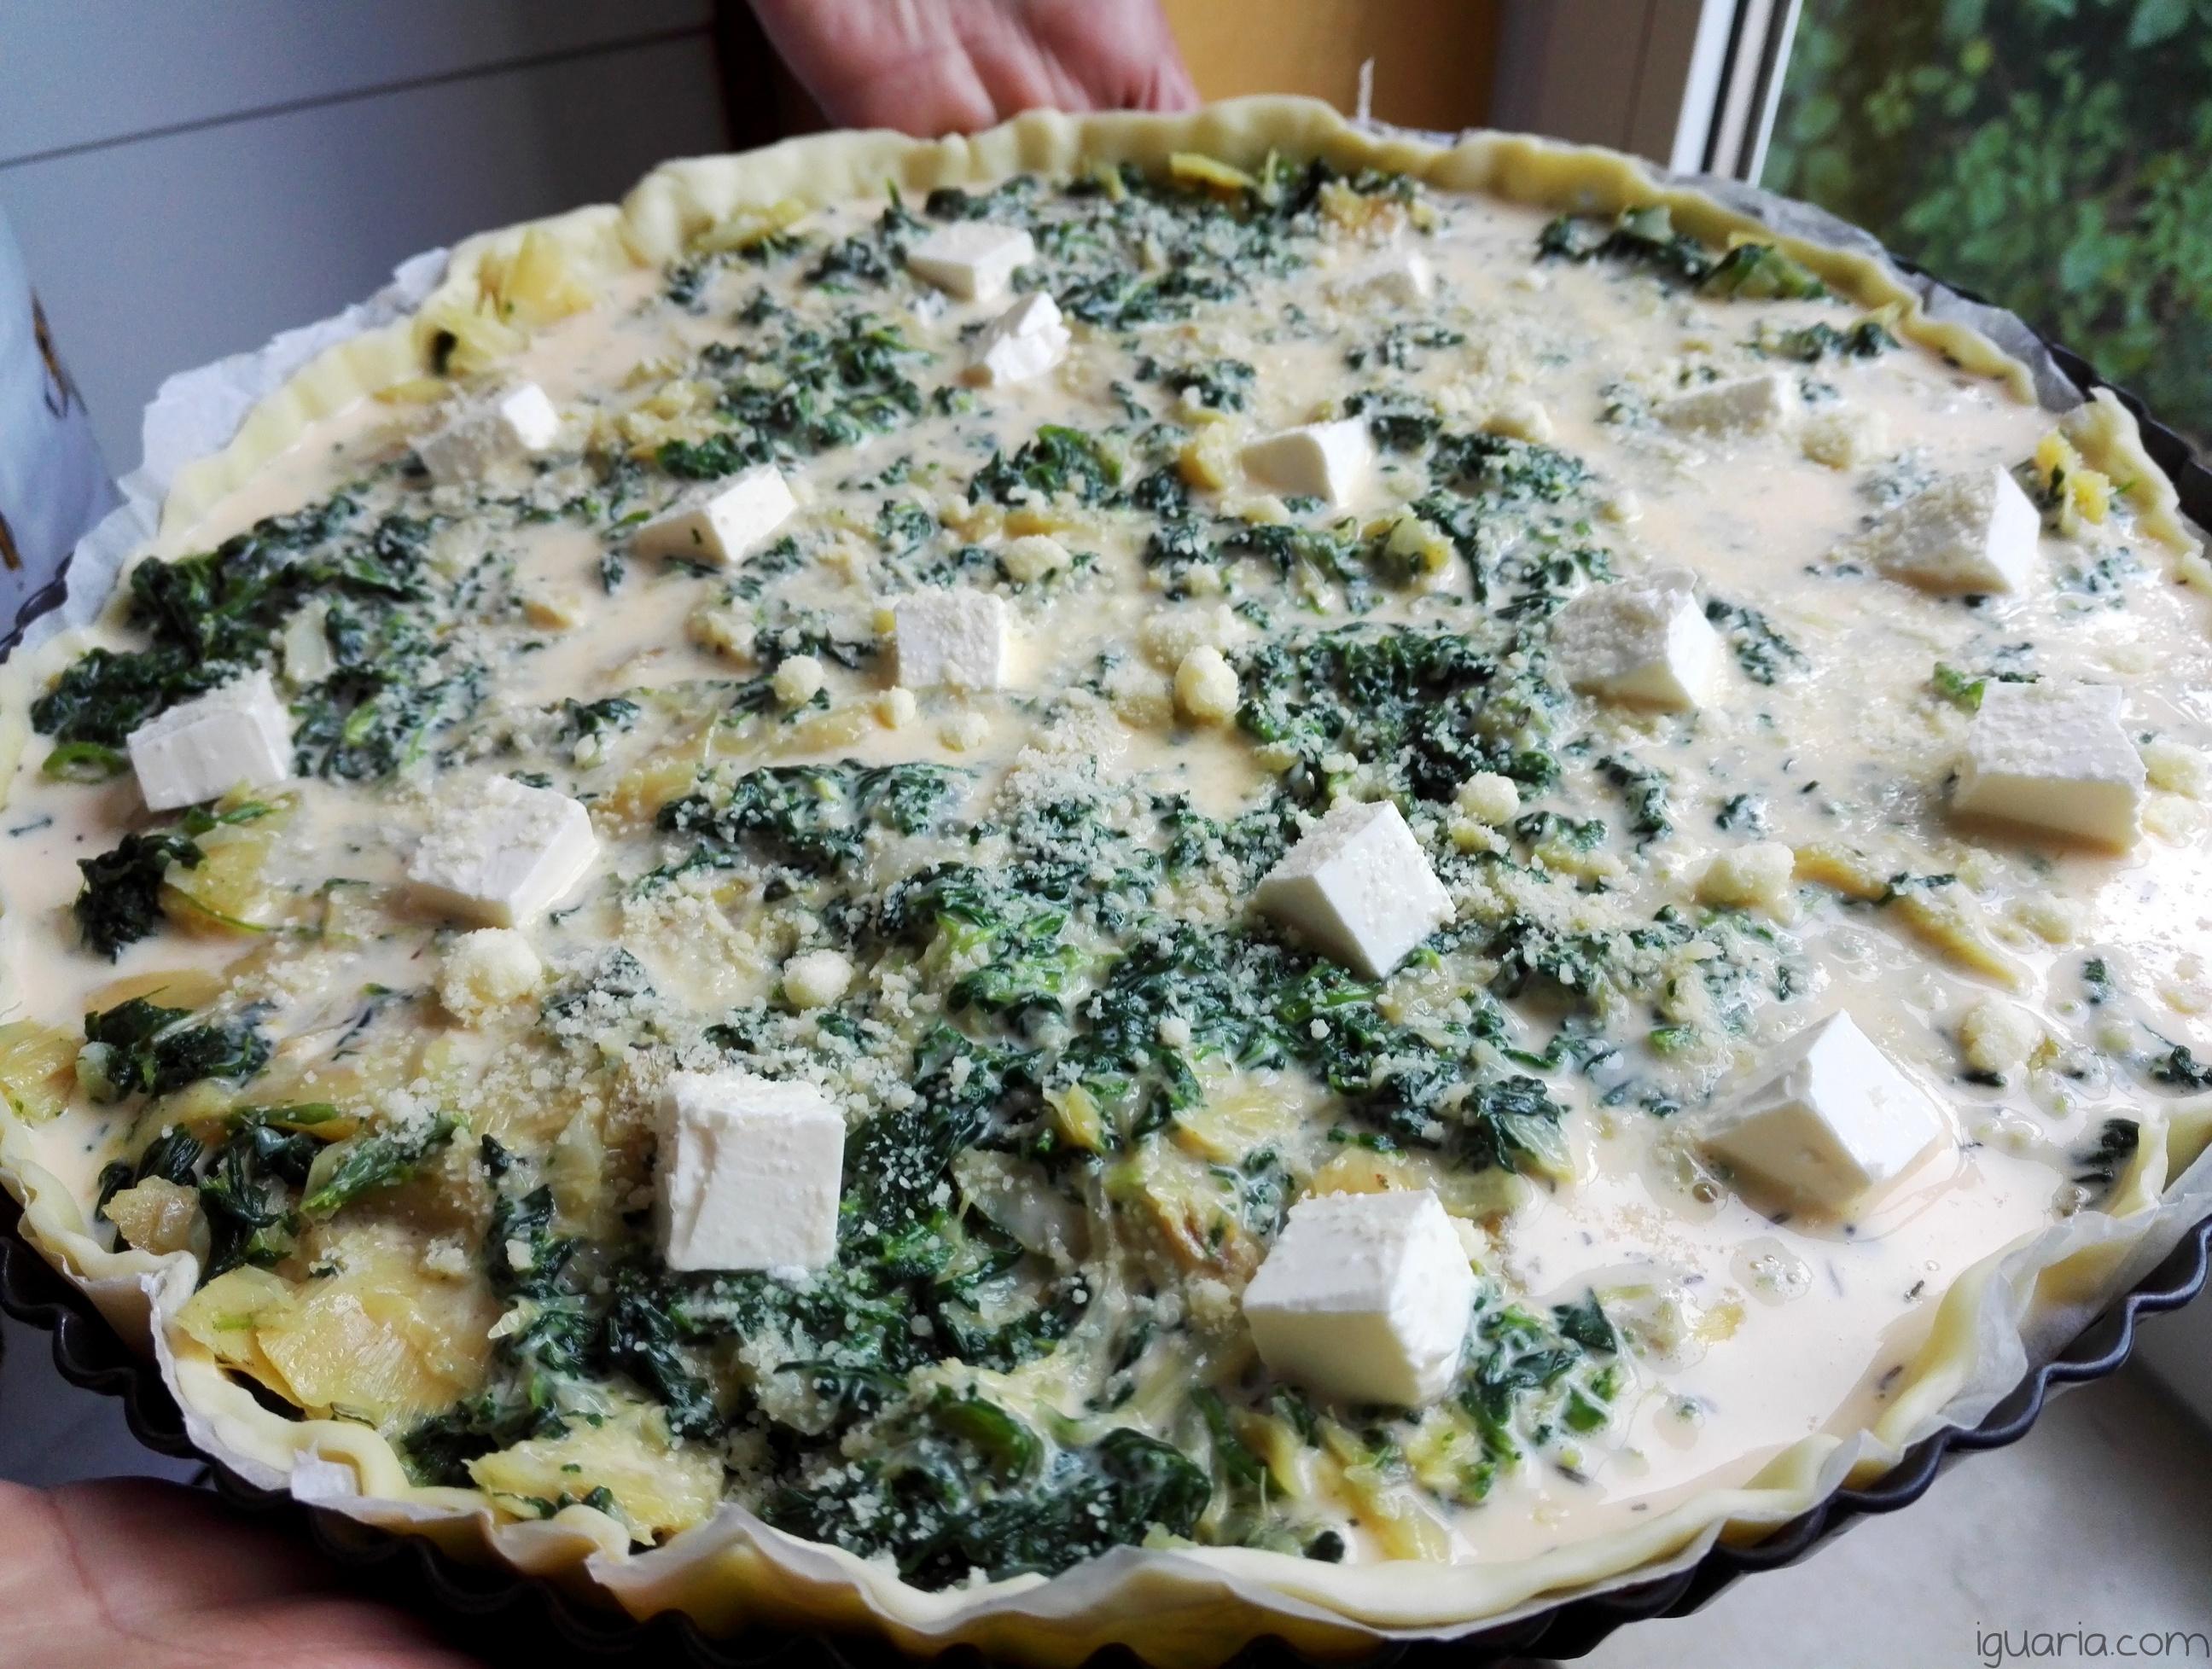 Iguaria_Espalhar-os-pedacos-de-queijo-feta